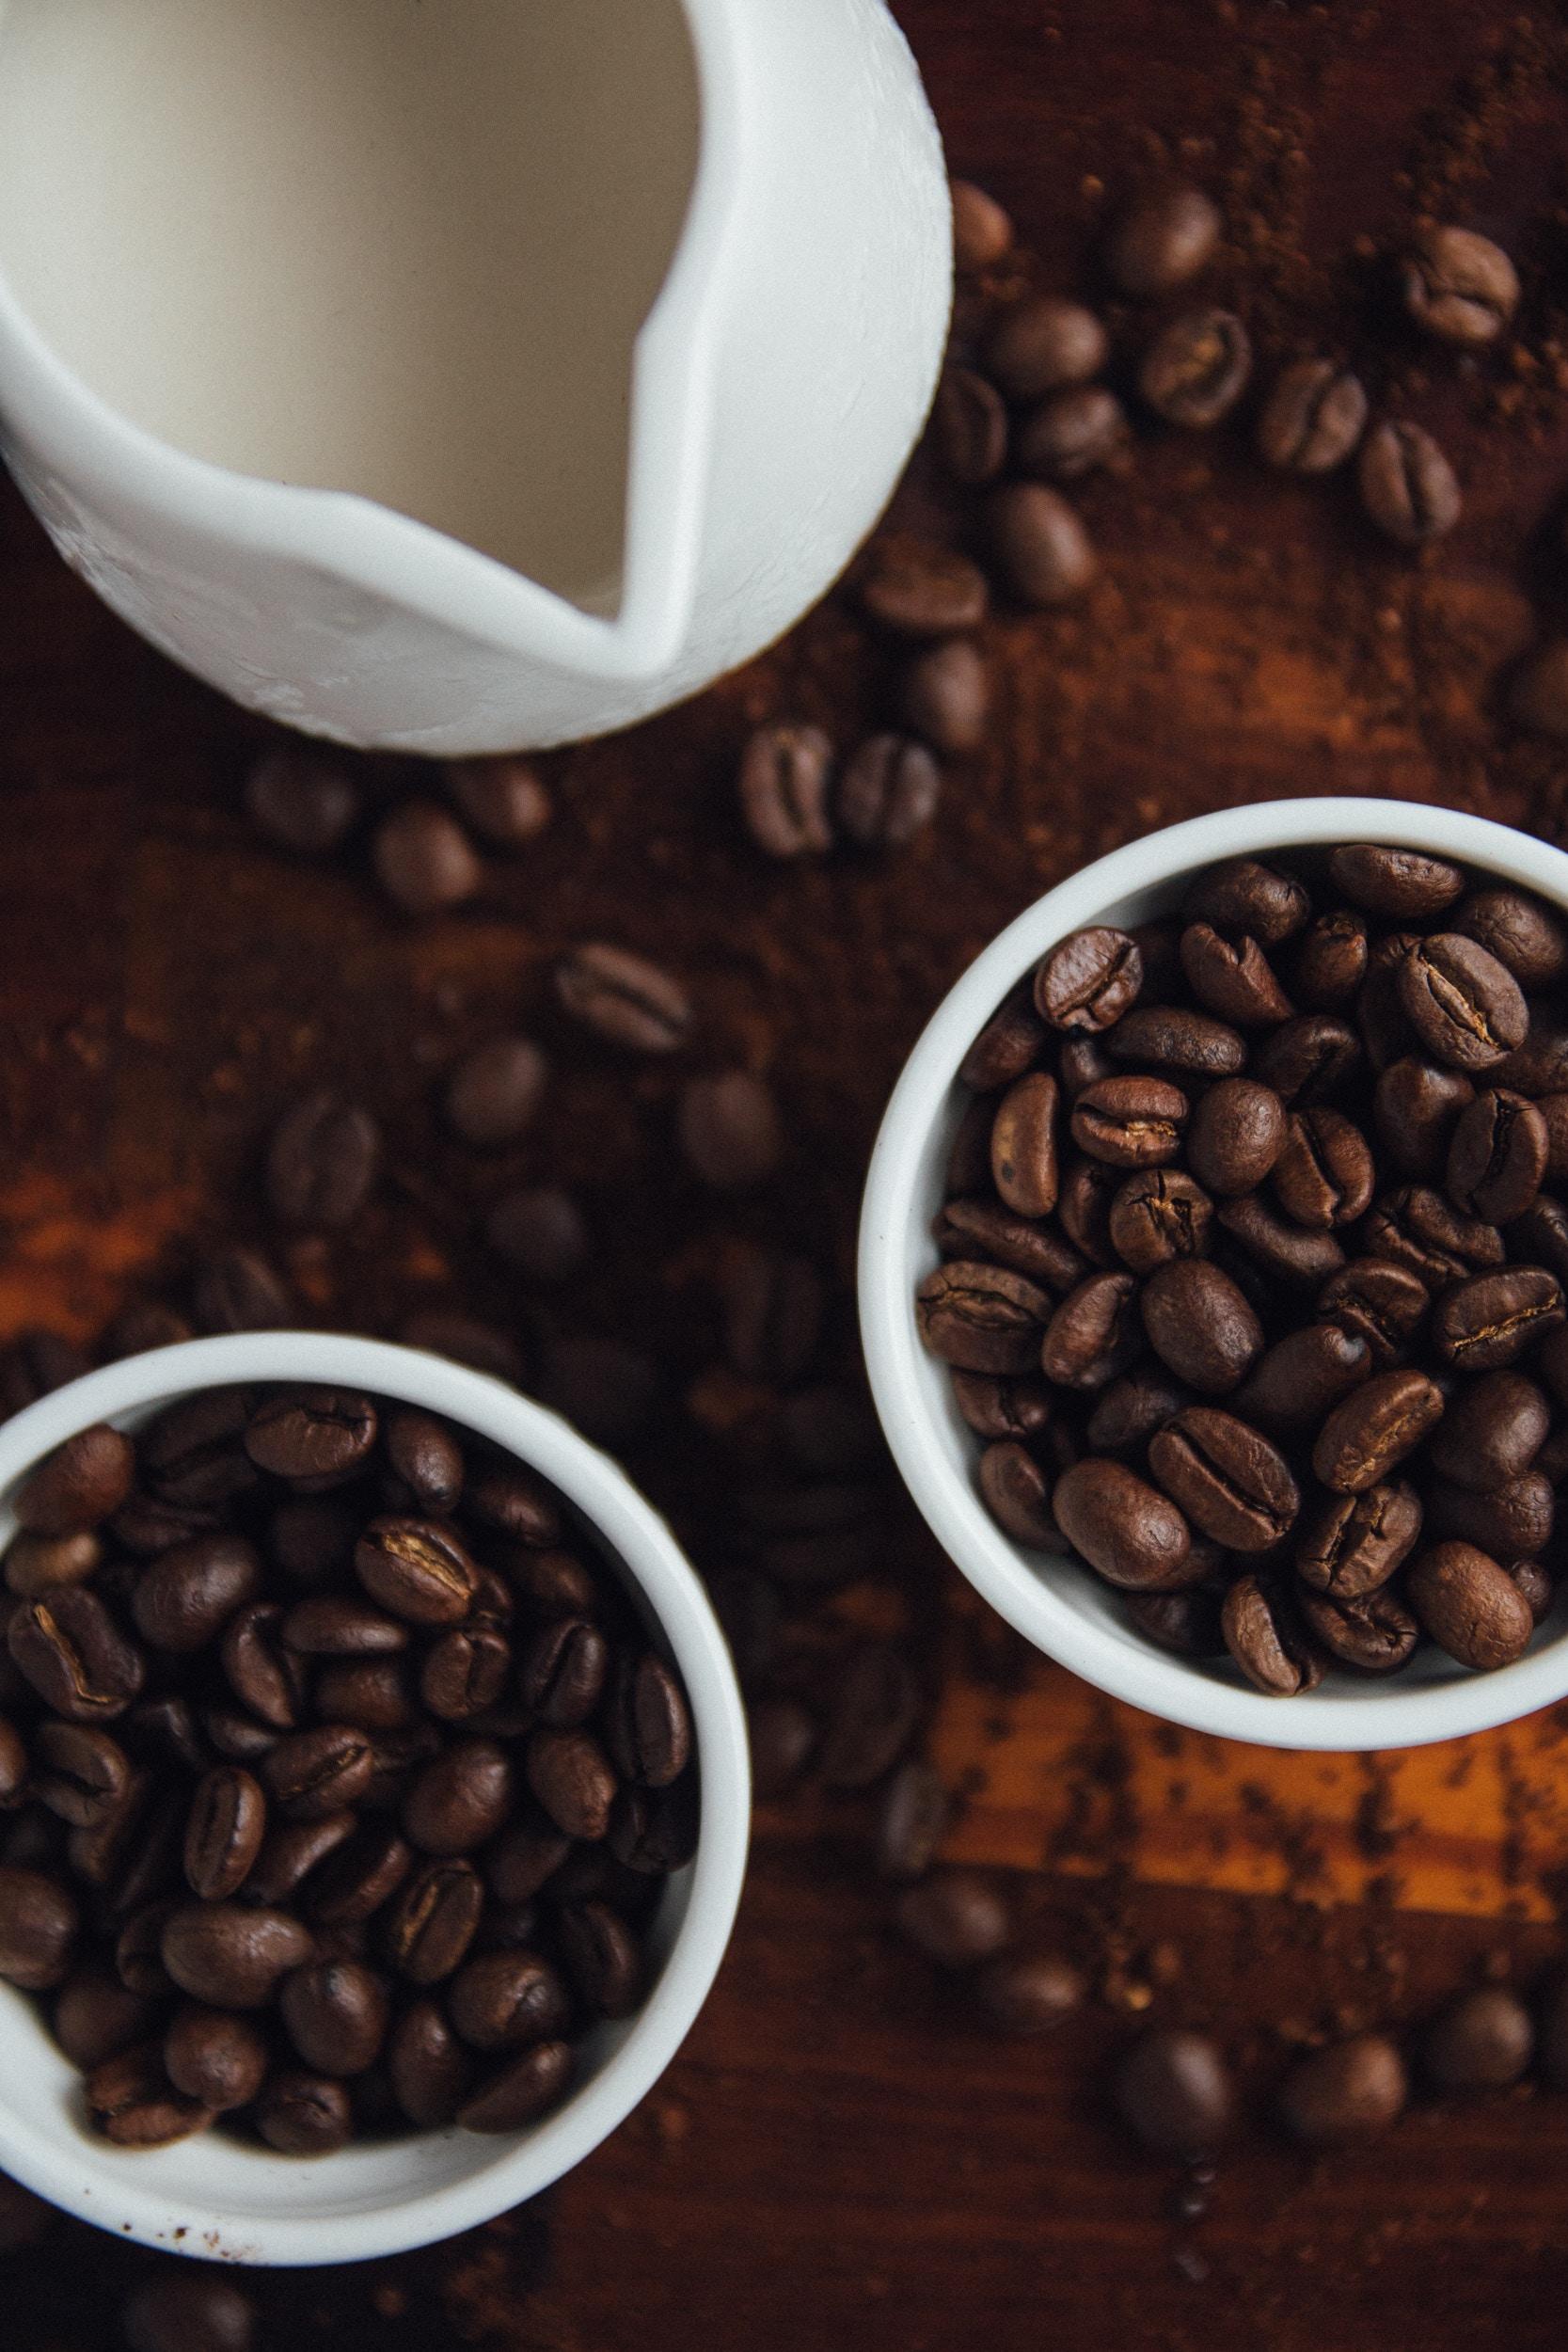 181202_dt_coffee_kep3.jpg